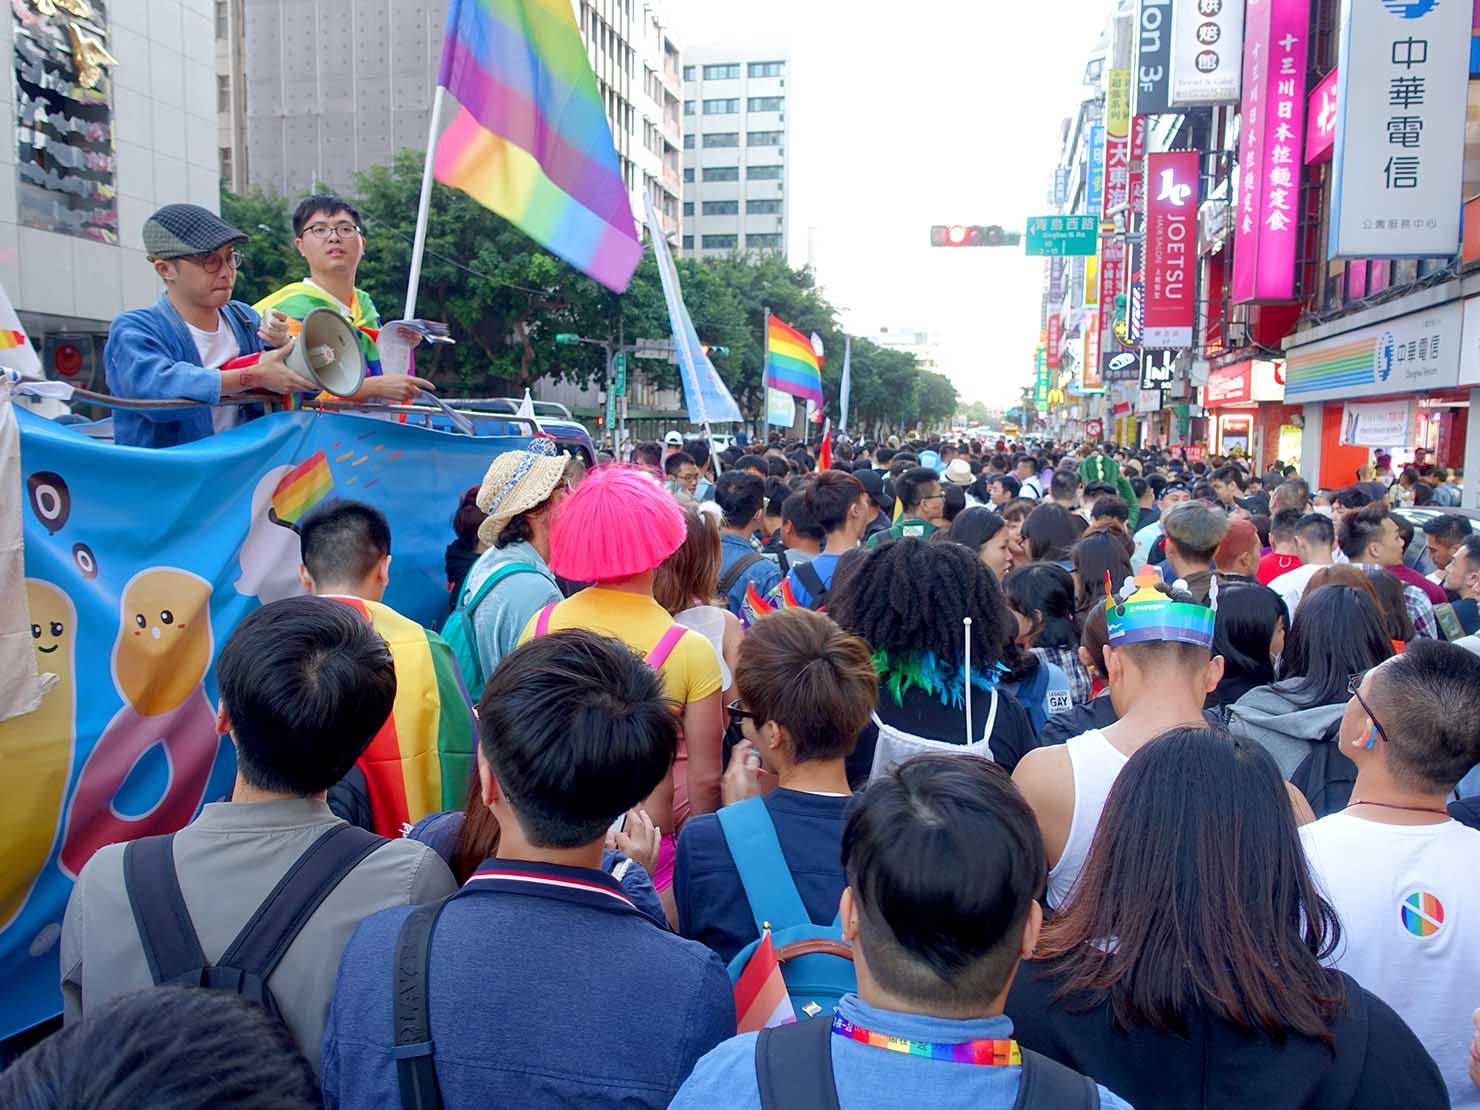 台灣同志遊行(台湾LGBTプライド)2018を歩く参加者たち